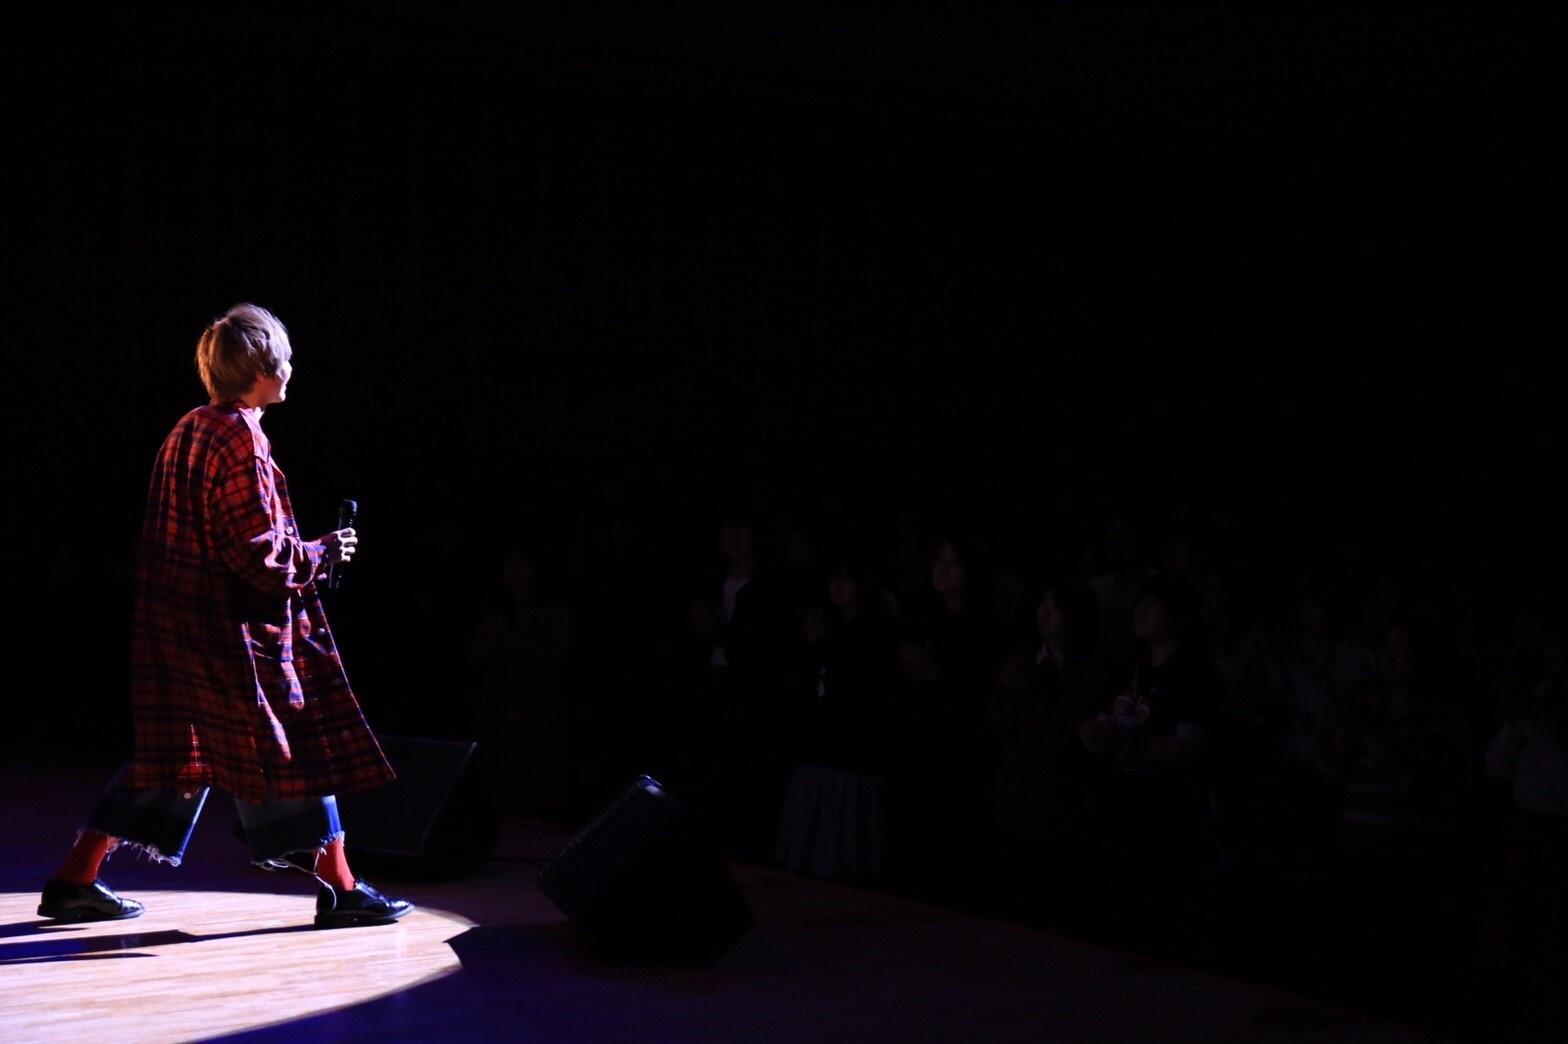 【オークション】ライブで使用した衣装A